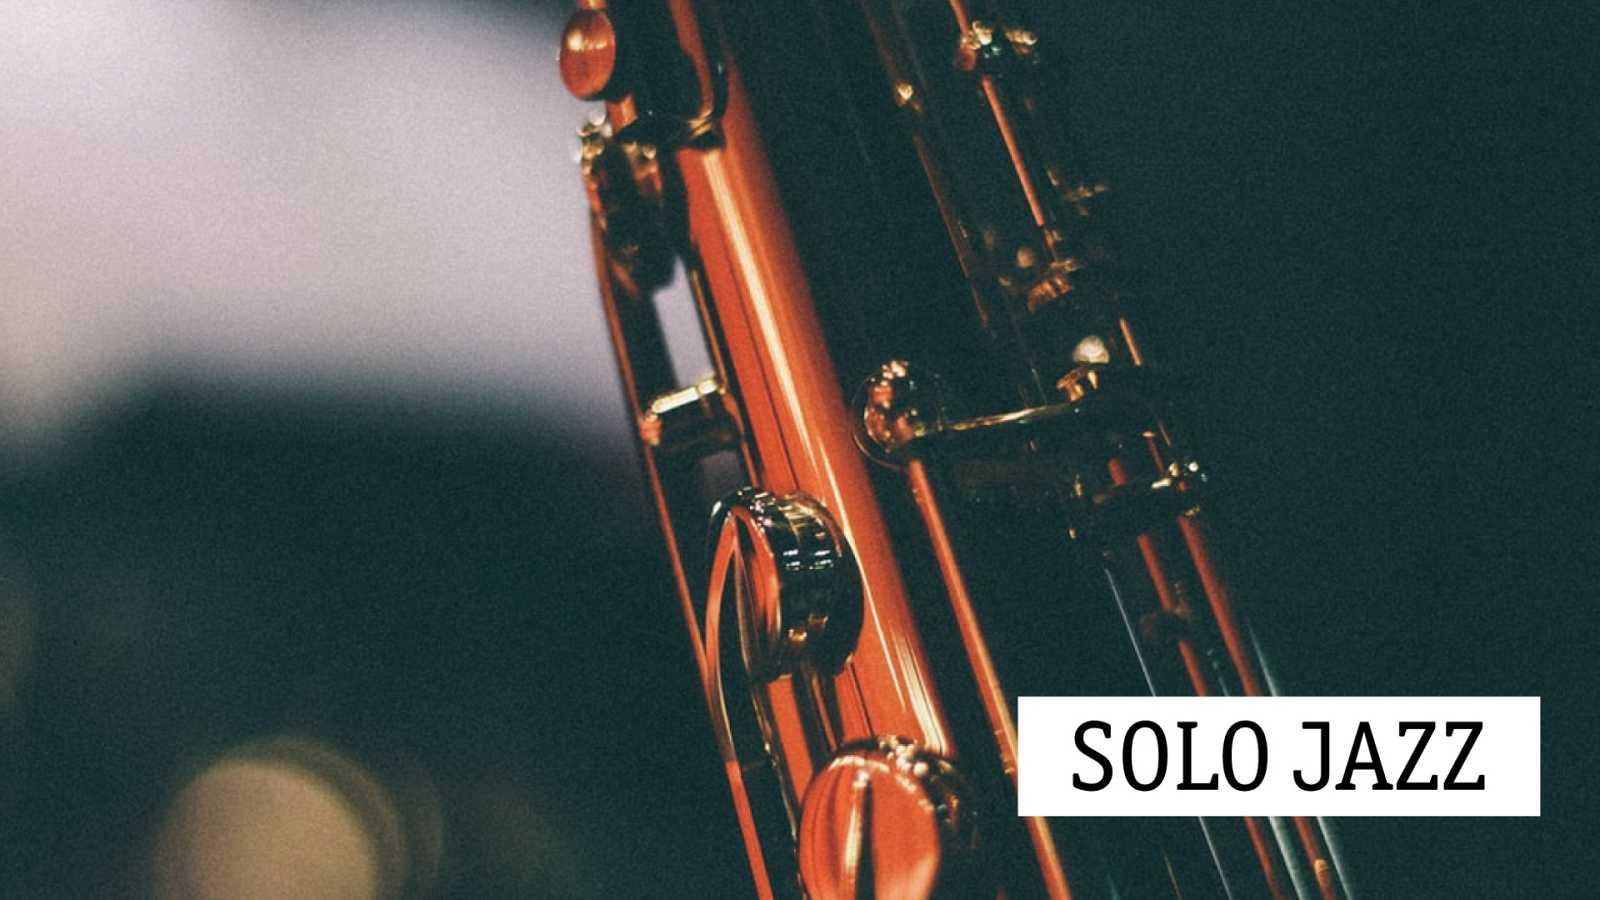 Solo jazz - Ornette Coleman, un músico de convicciones firmes - 03/05/21 - escuchar ahora